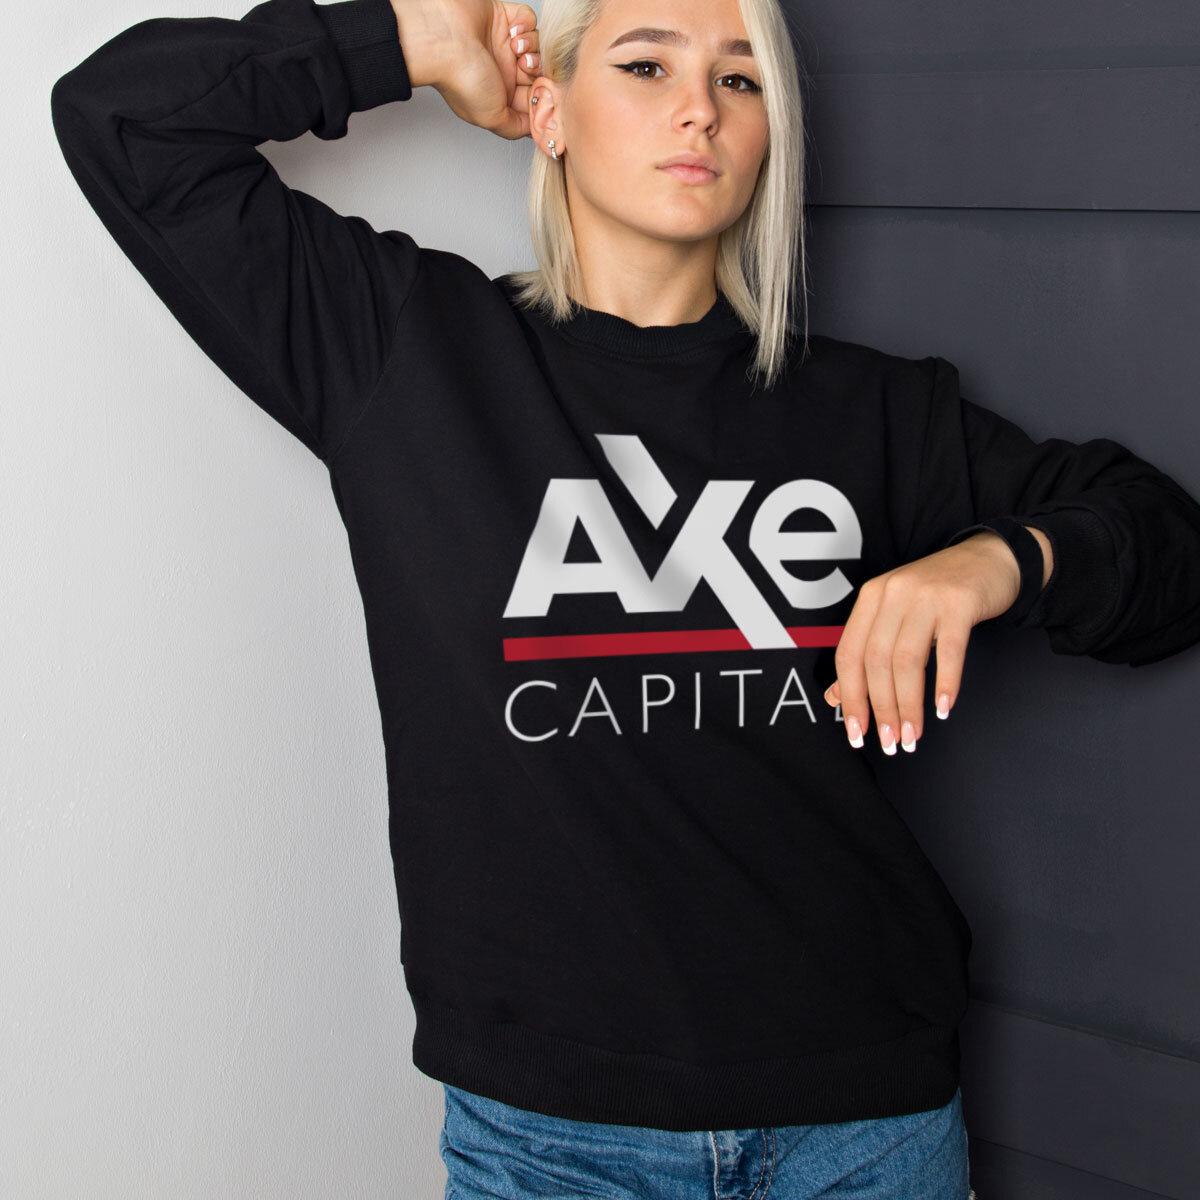 https://www.shirt-store.com/pub_docs/files/Kläder/GirlsSweat_Big.jpg